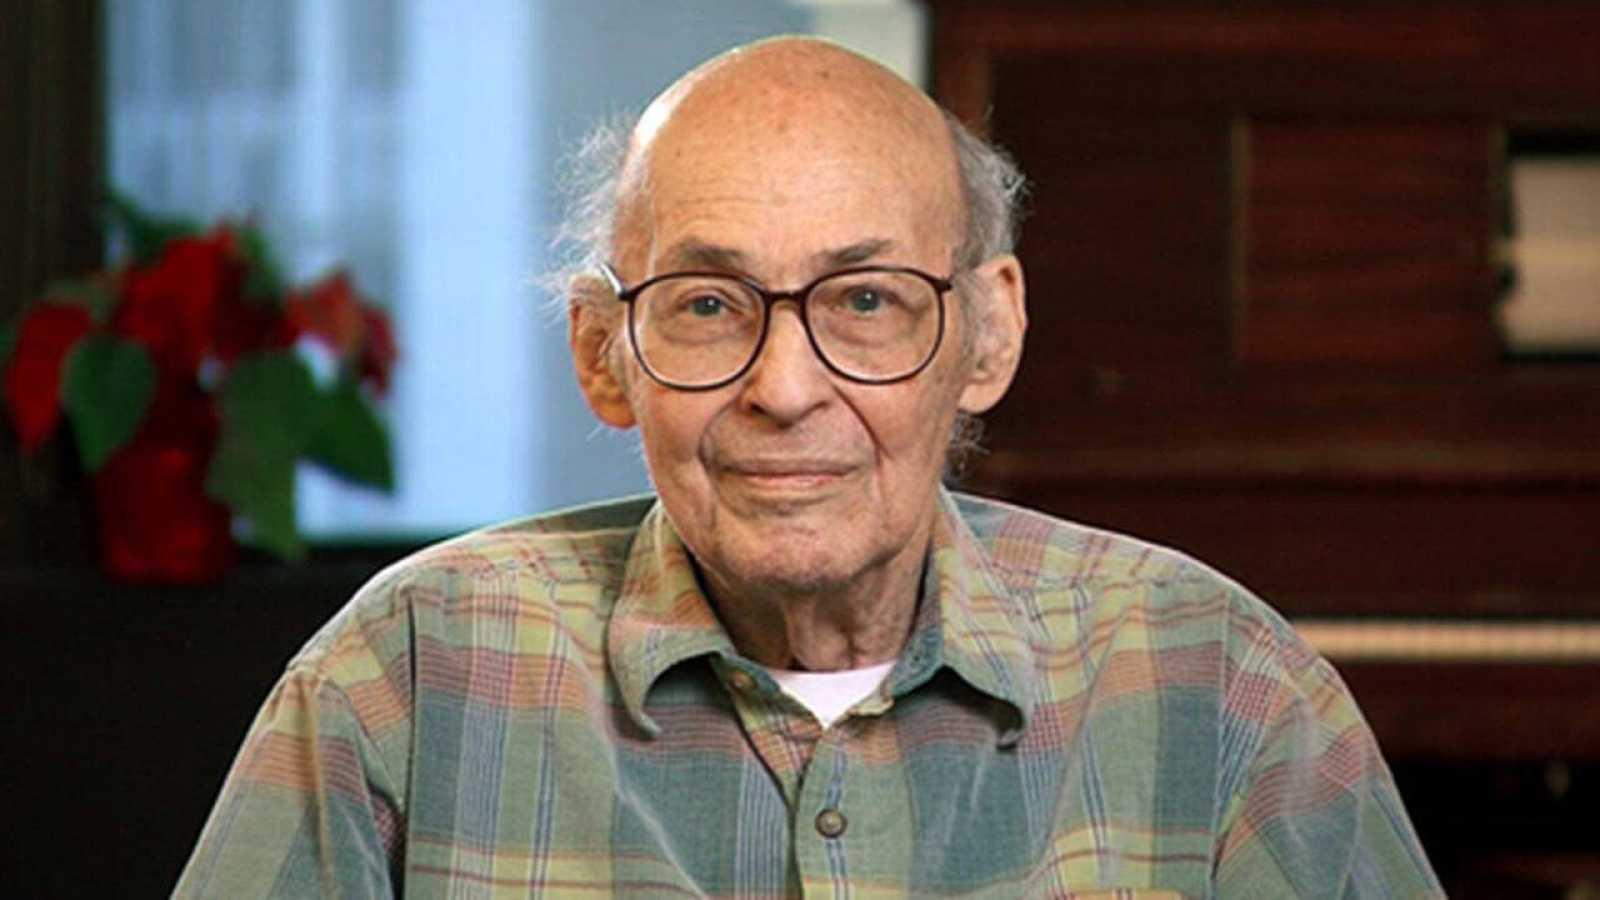 Imagen de 2014 de Marvin Minsky, catedrático de Ingeniería Eléctrica y Ciencias de la Computación del MIT.